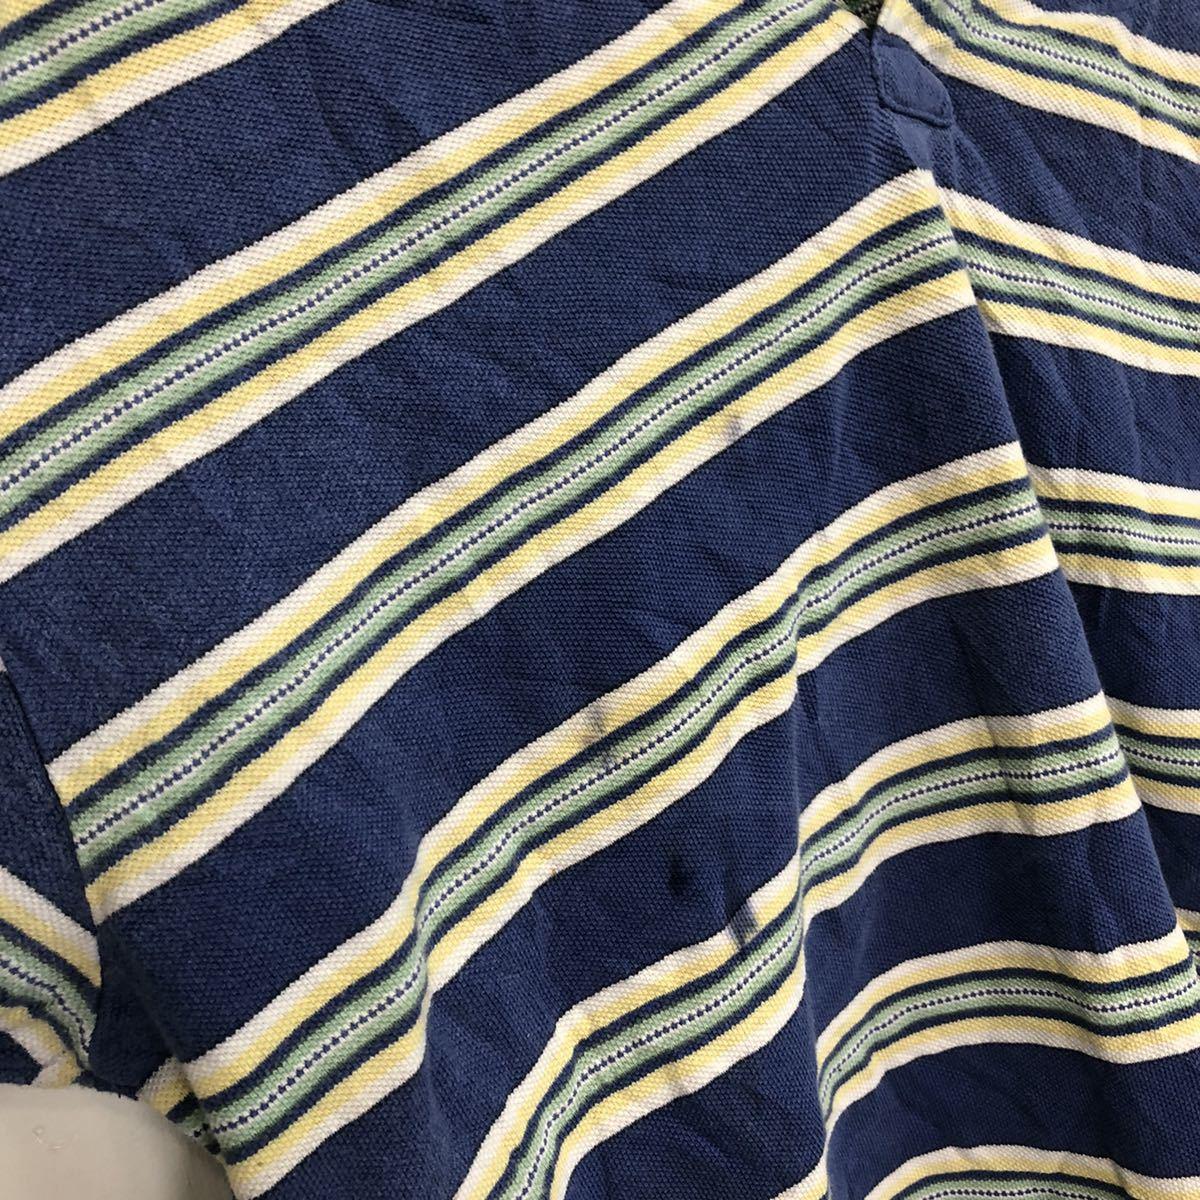 POLO by RALPH LAUREN ポロバイラルフローレン 半袖 ポロシャツ メンズM 太ボーダー ワンポイント刺繍ロゴ ポニー YT1684AY_画像3